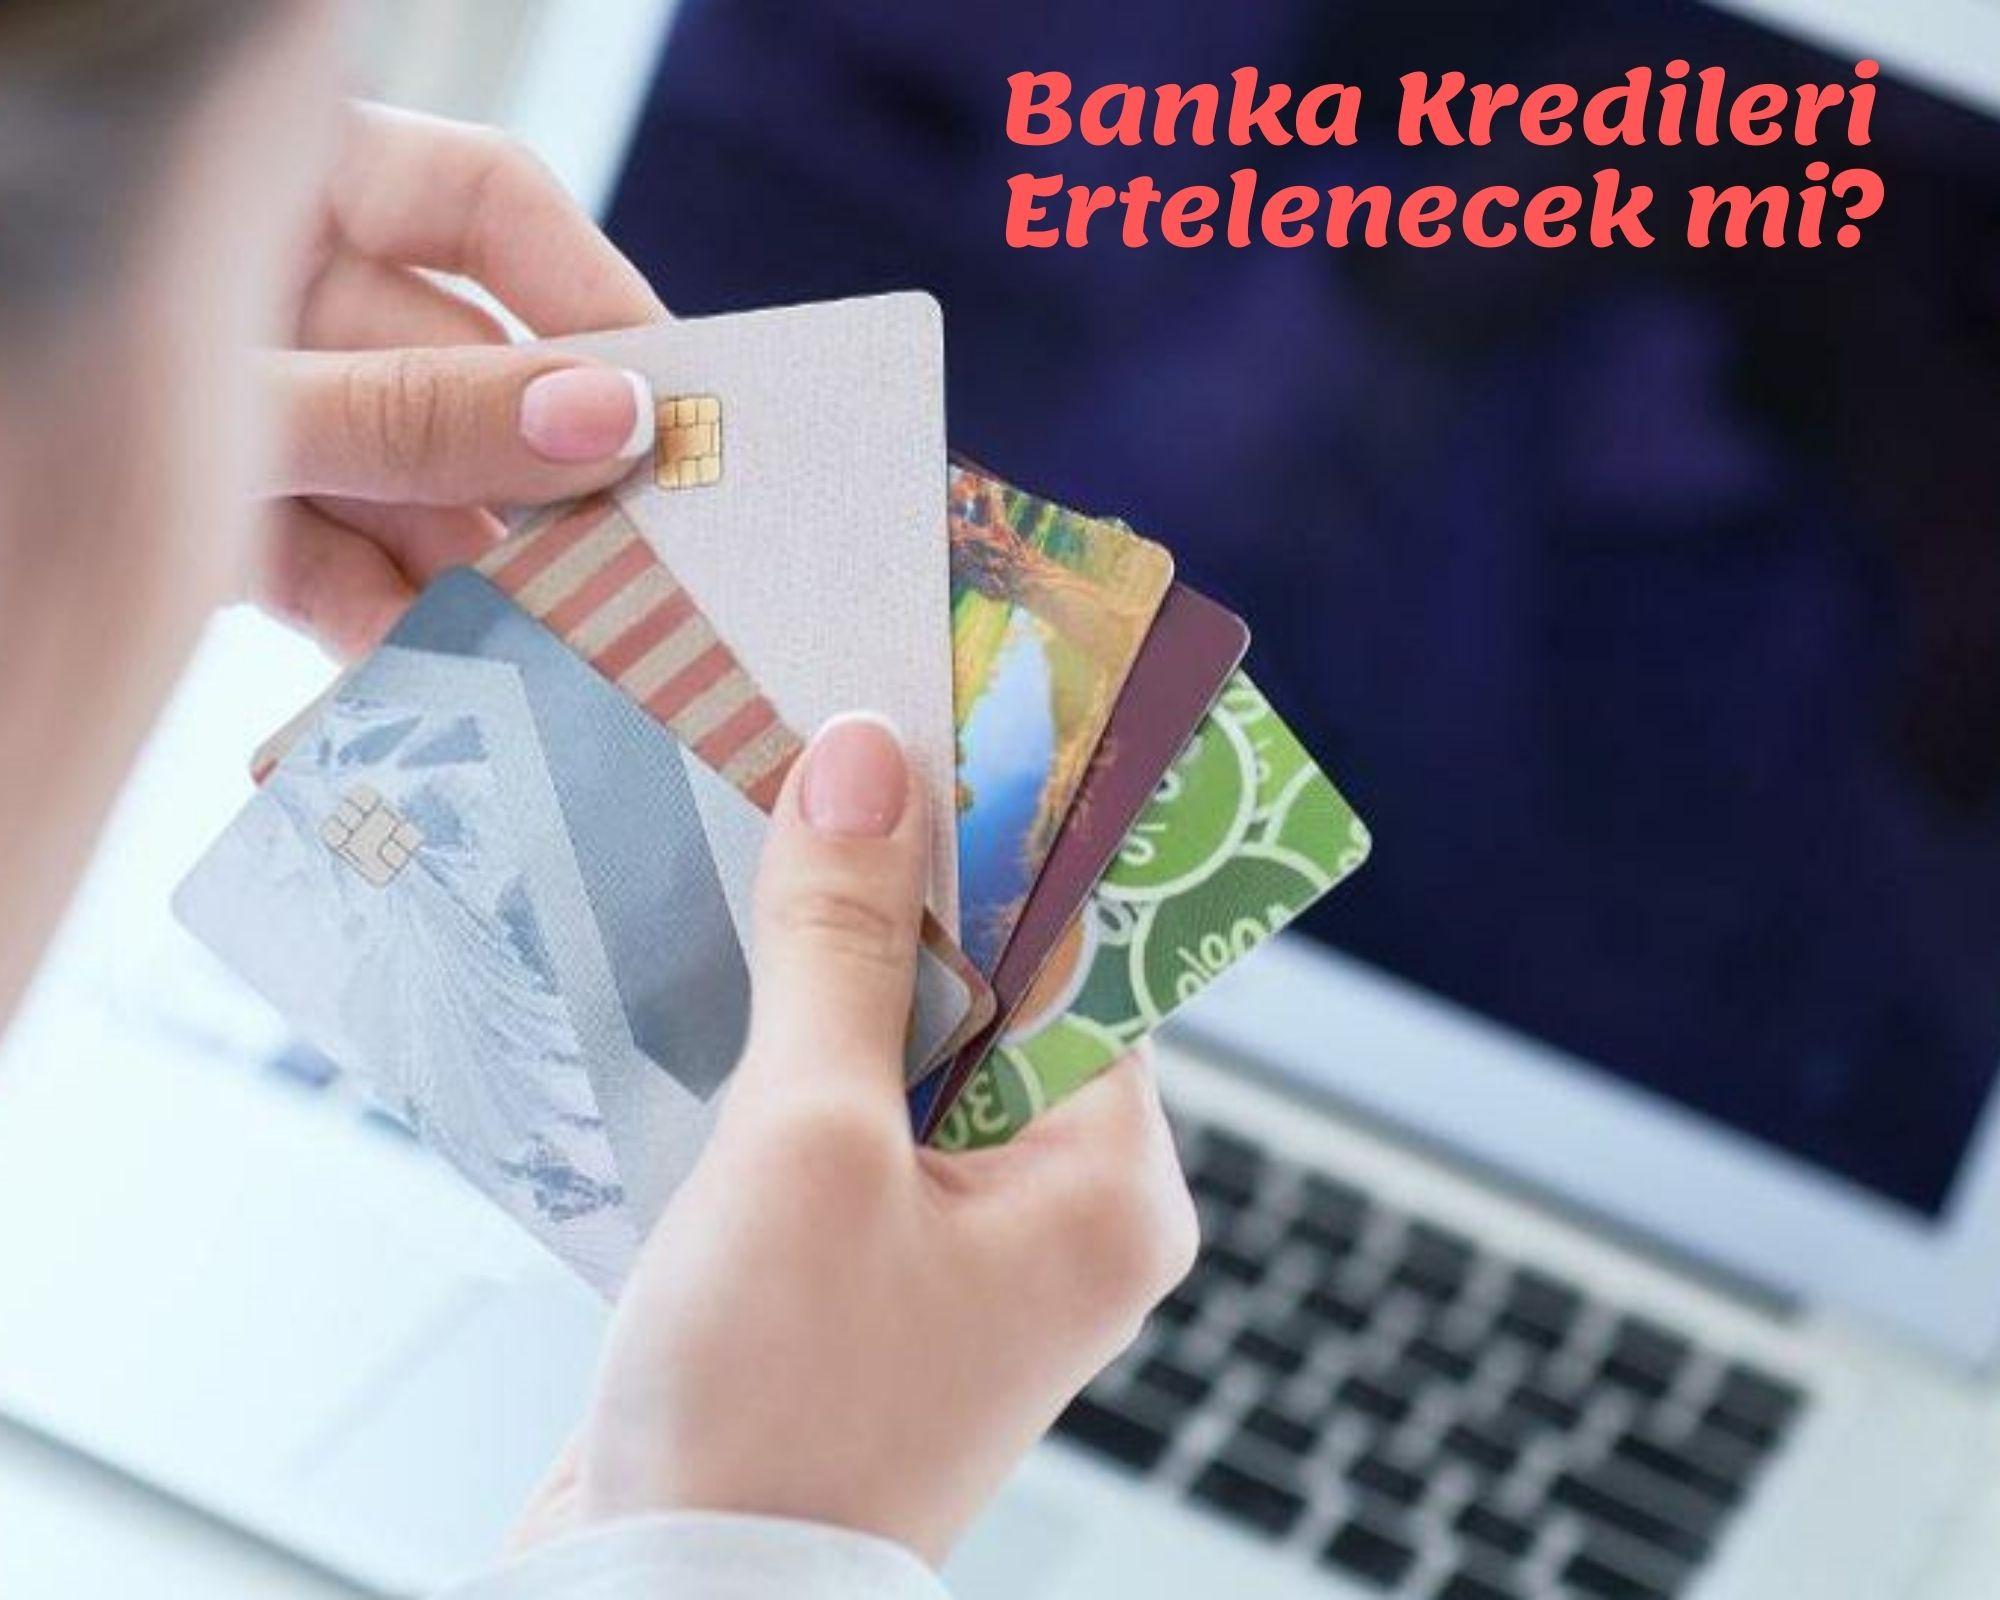 Banka Kredileri Ertelenecek mi? Kredi Erteleme Ne Zaman Başlayacak?